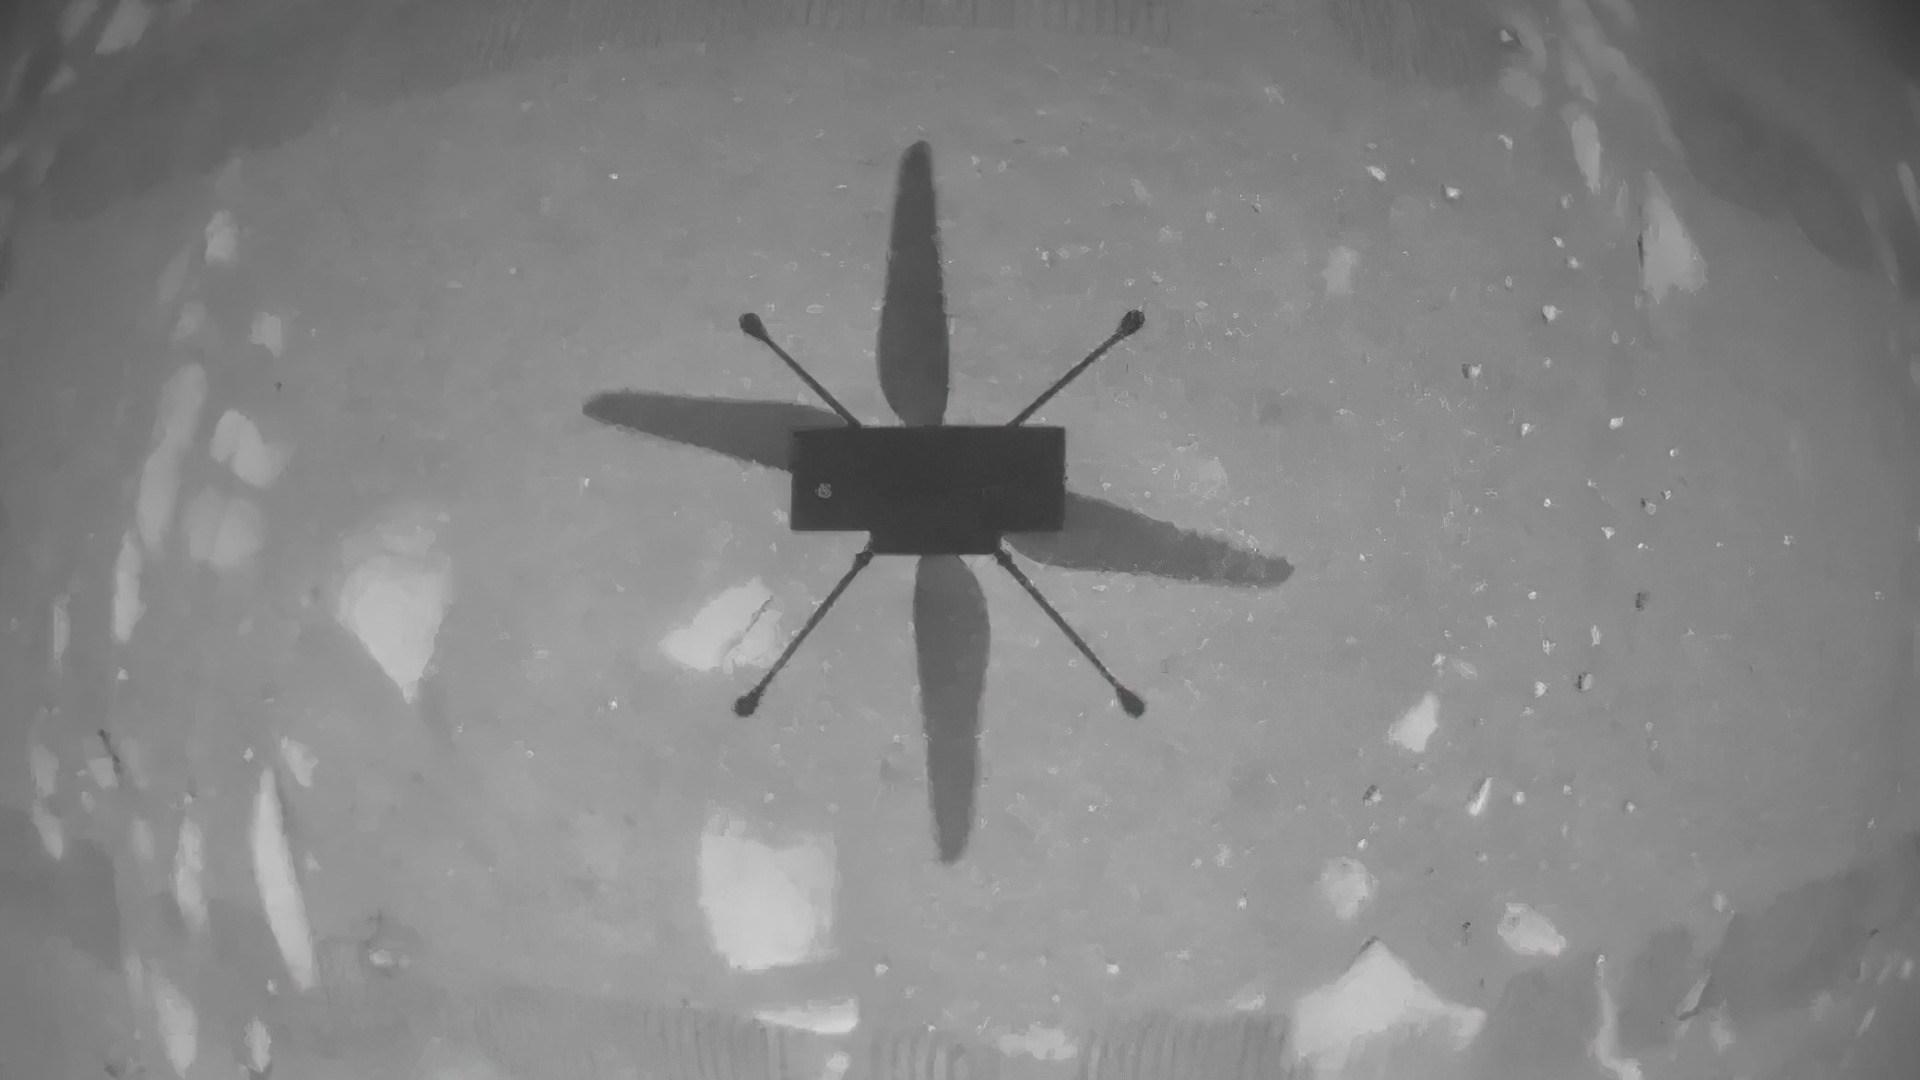 Drohne, Mars, flug, Perserverance, Ingenuity